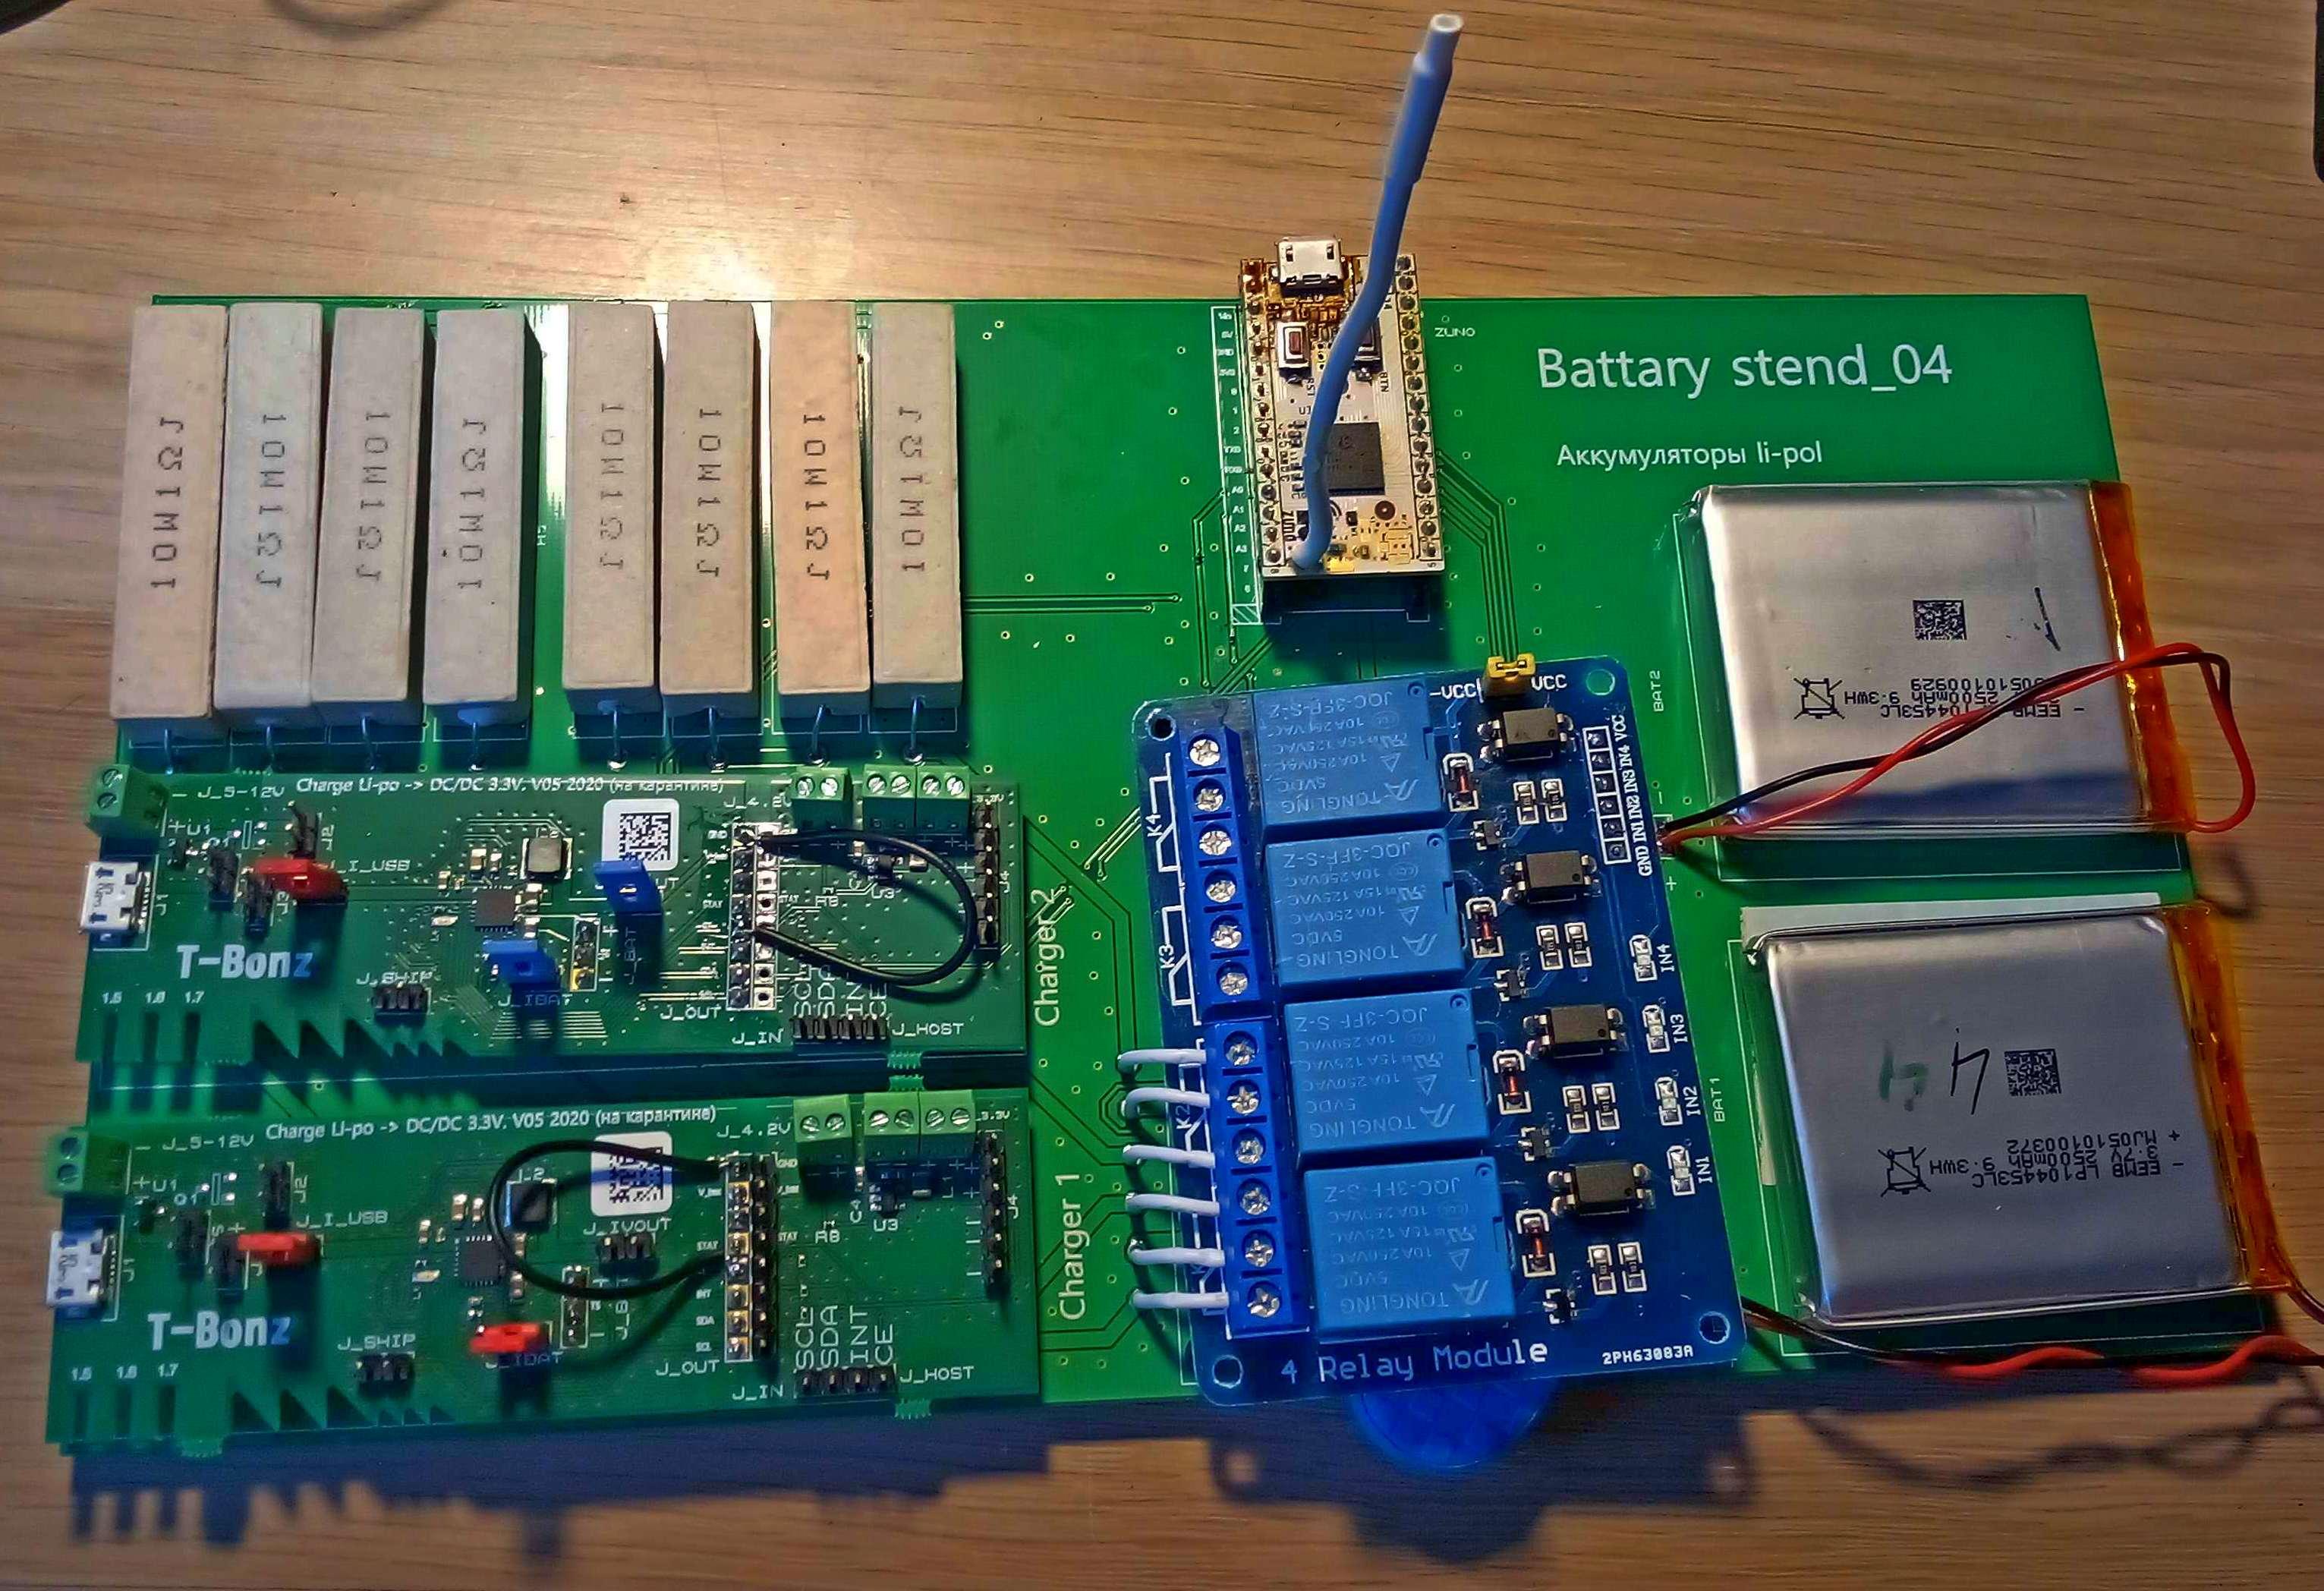 Выбор элементной базы для аккумуляторного питания небольшого устройства